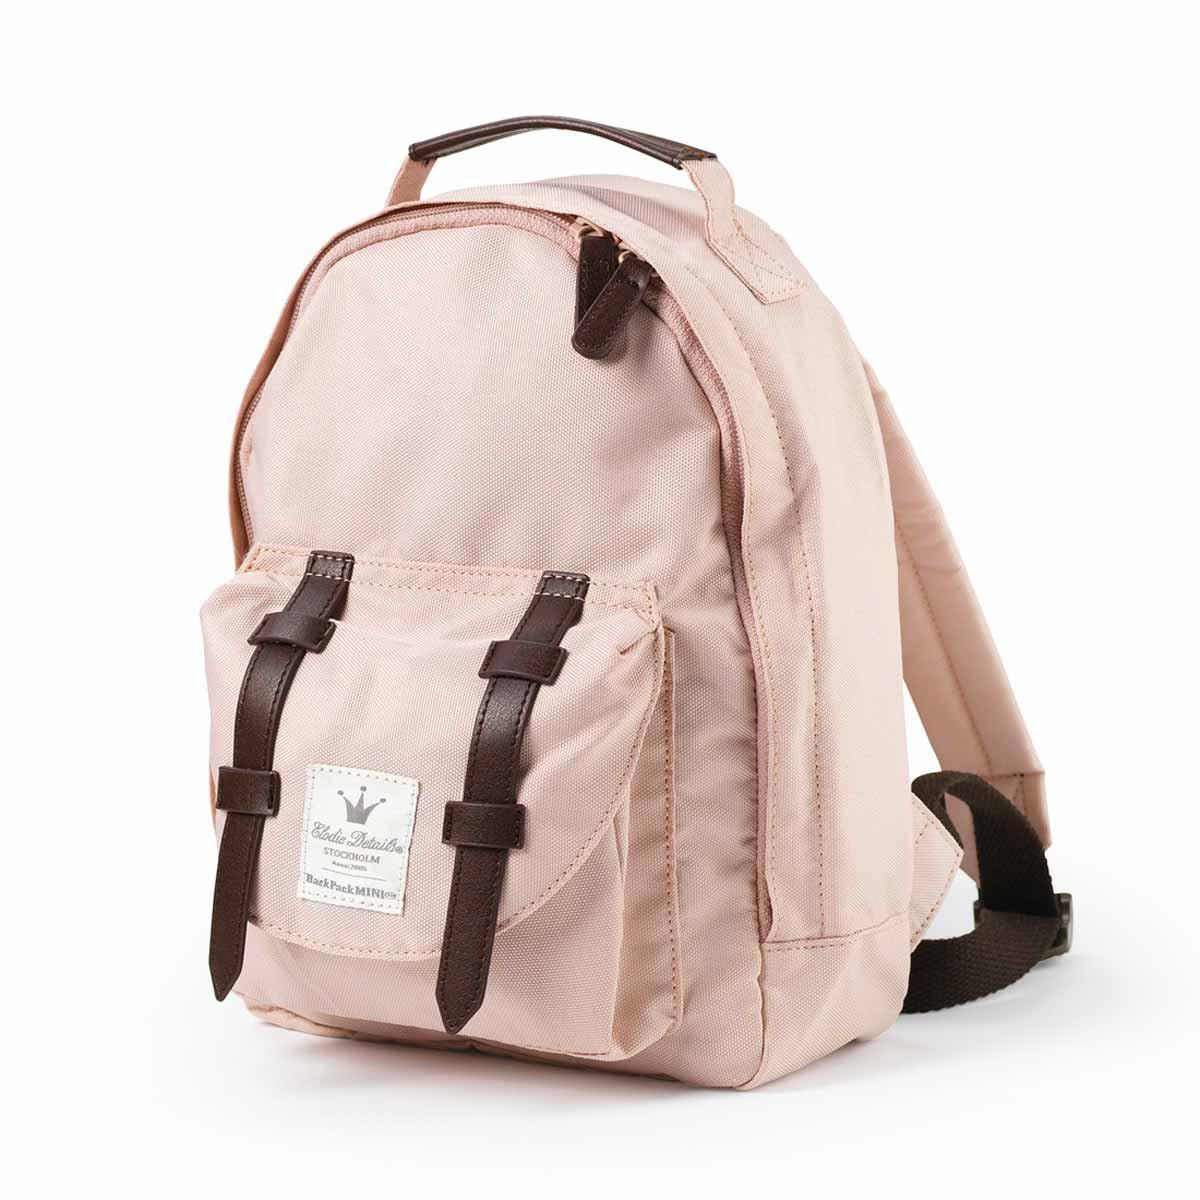 Παιδικό Σακίδιο Πλάτης Elodie Details Powder Pink BR71260 home   παιδικά   τσάντες παιδικές